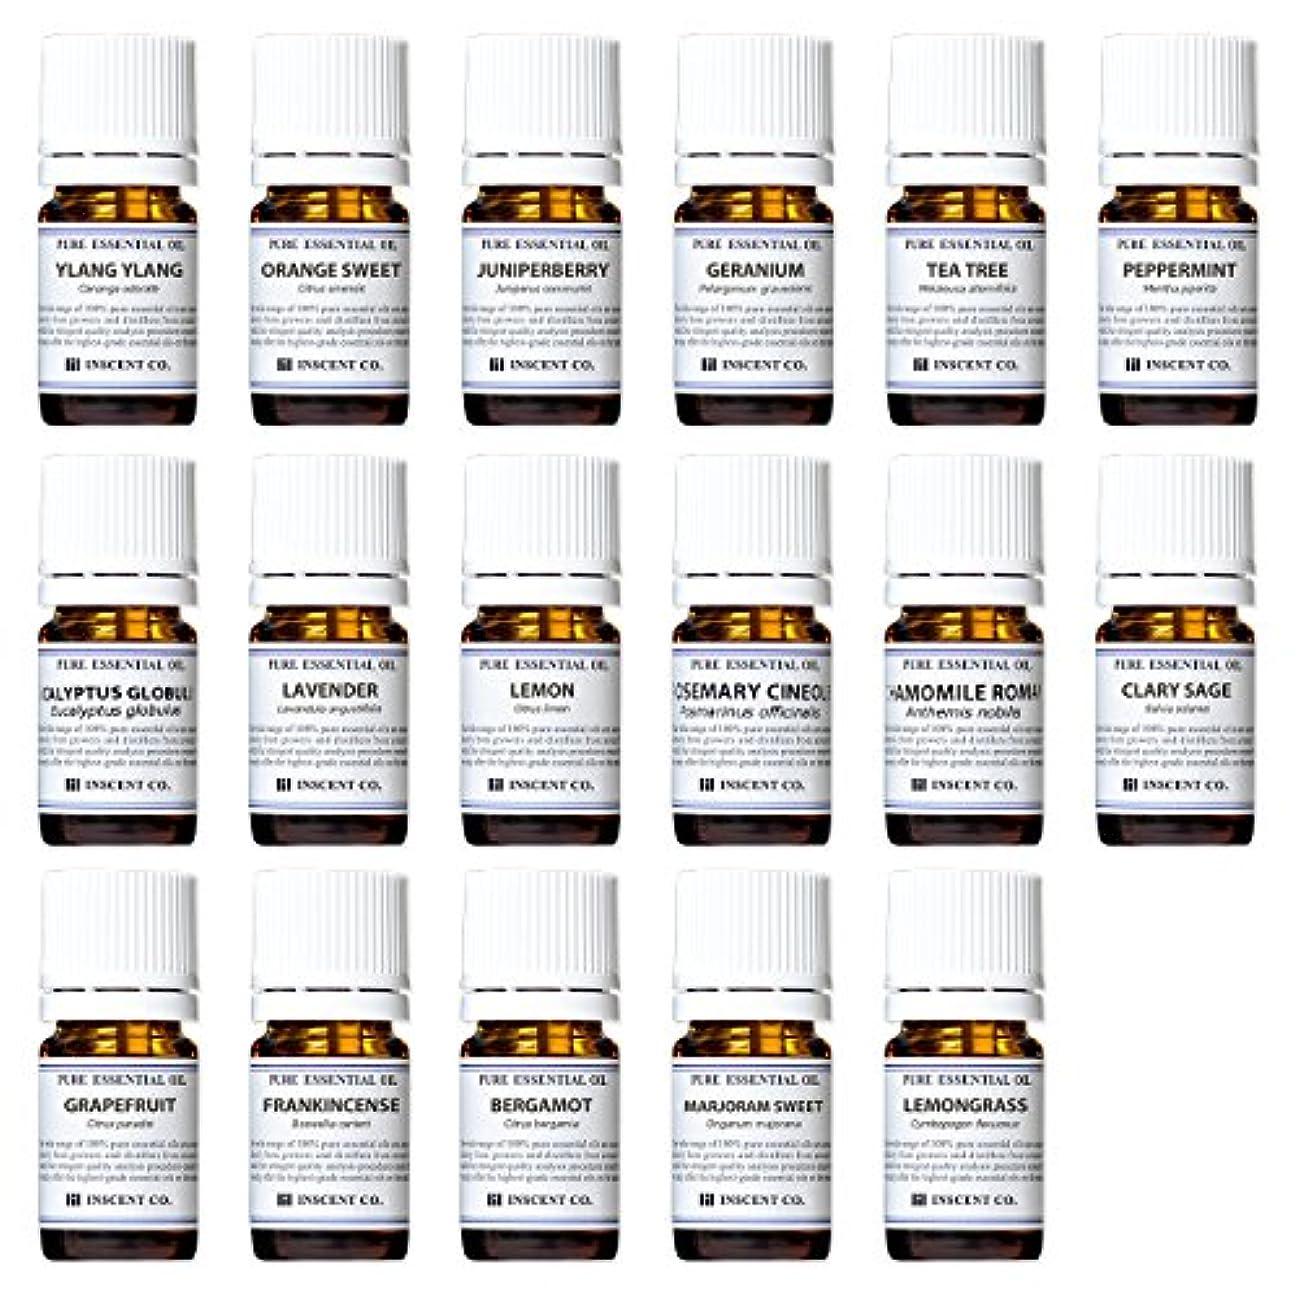 照らすマングル可愛いアロマテラピー検定香りテスト対応17種セット エッセンシャルオイル 精油 AEAJ インセント